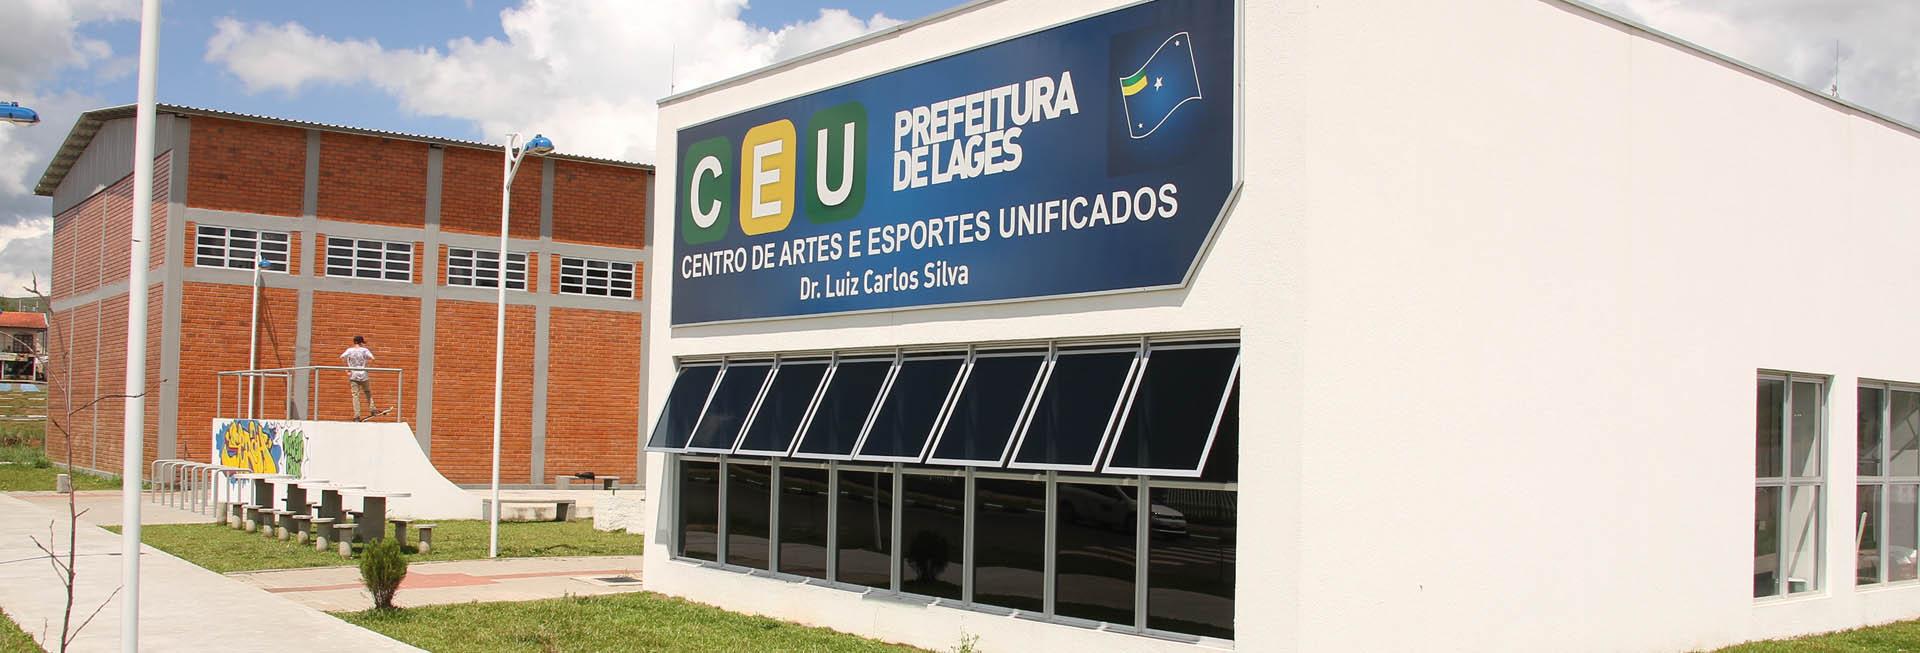 Centro de Artes e Esportes Unificados